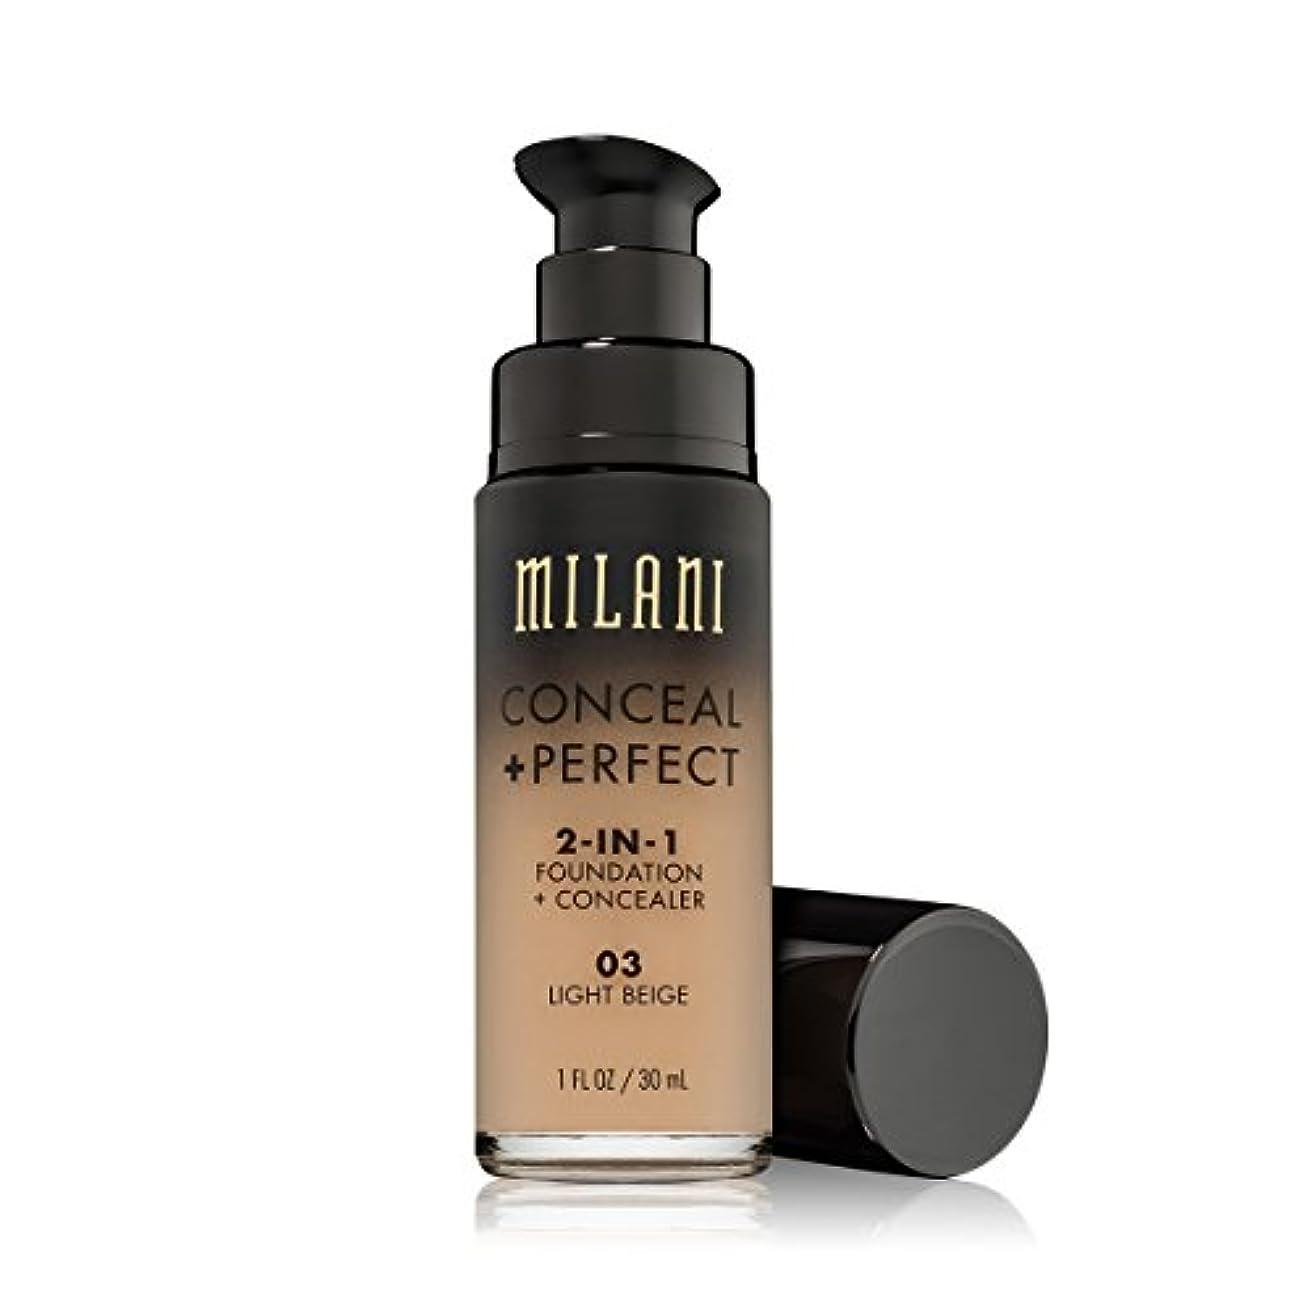 スムーズに繕うトランペットMILANI Conceal + Perfect 2-In-1 Foundation + Concealer - Light Beige (並行輸入品)